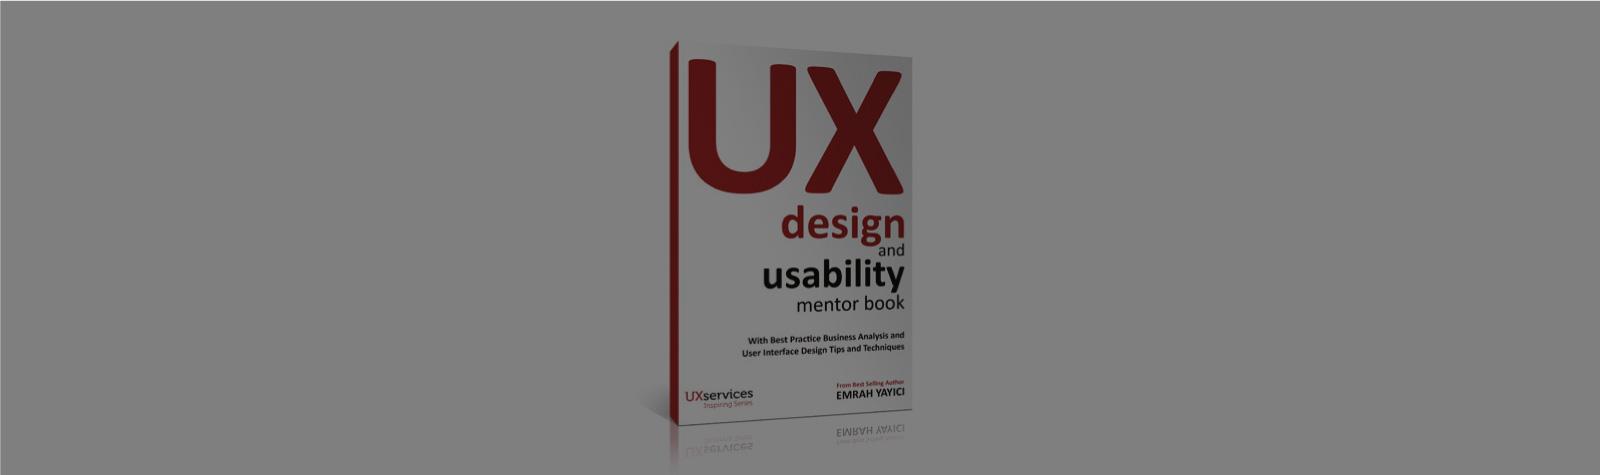 Kitabımız UX Design & Usability Mentor Book Amazon'da En Çok Satanlar Listesinde!